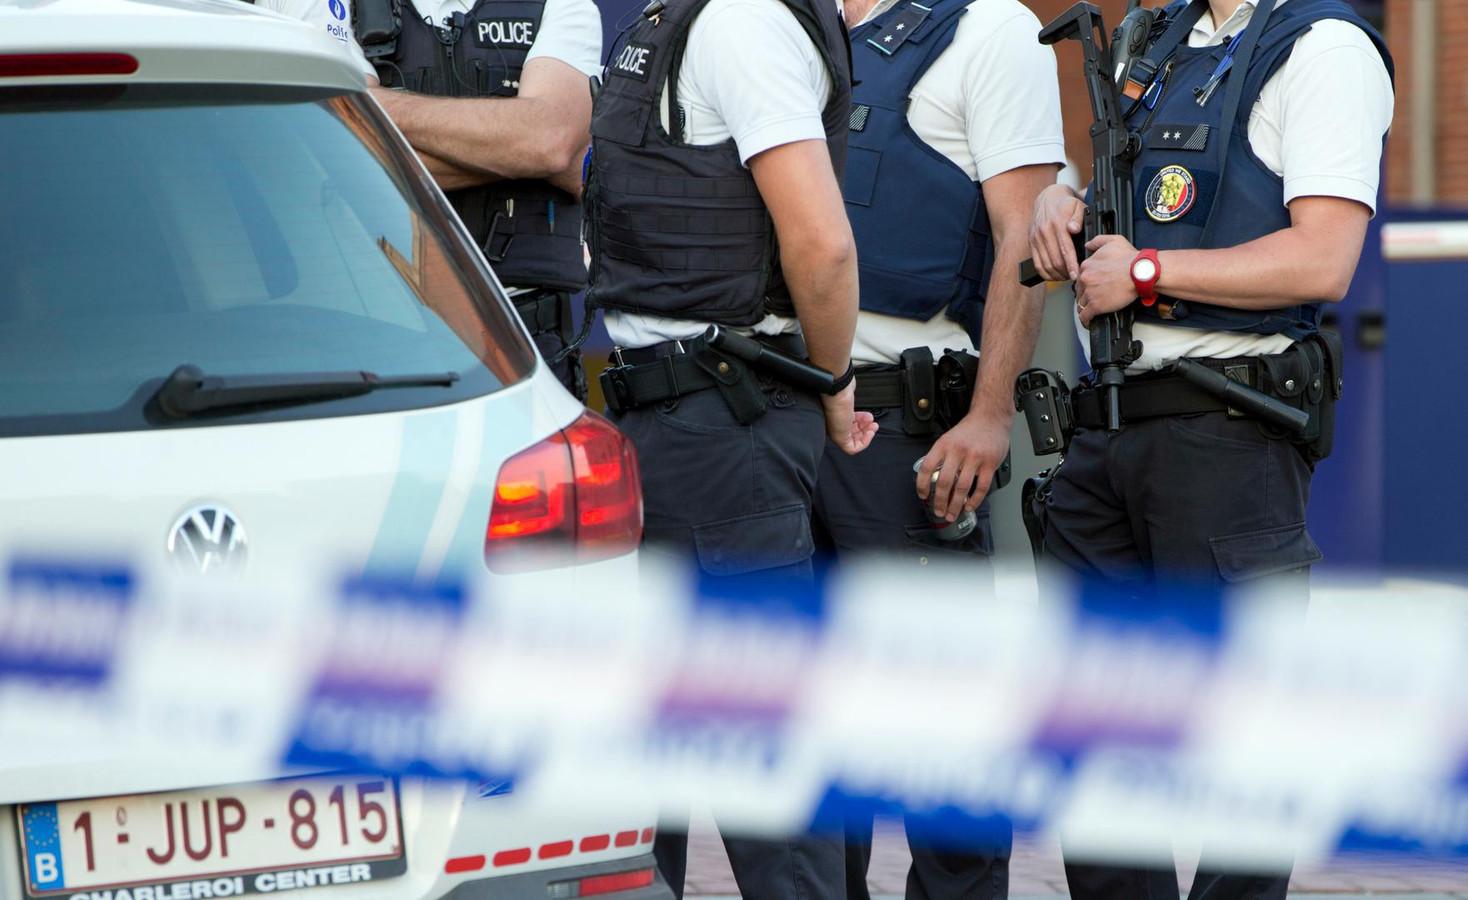 Agenten aan het hoofdkantoor van de politie in Charleroi, net na de feiten.